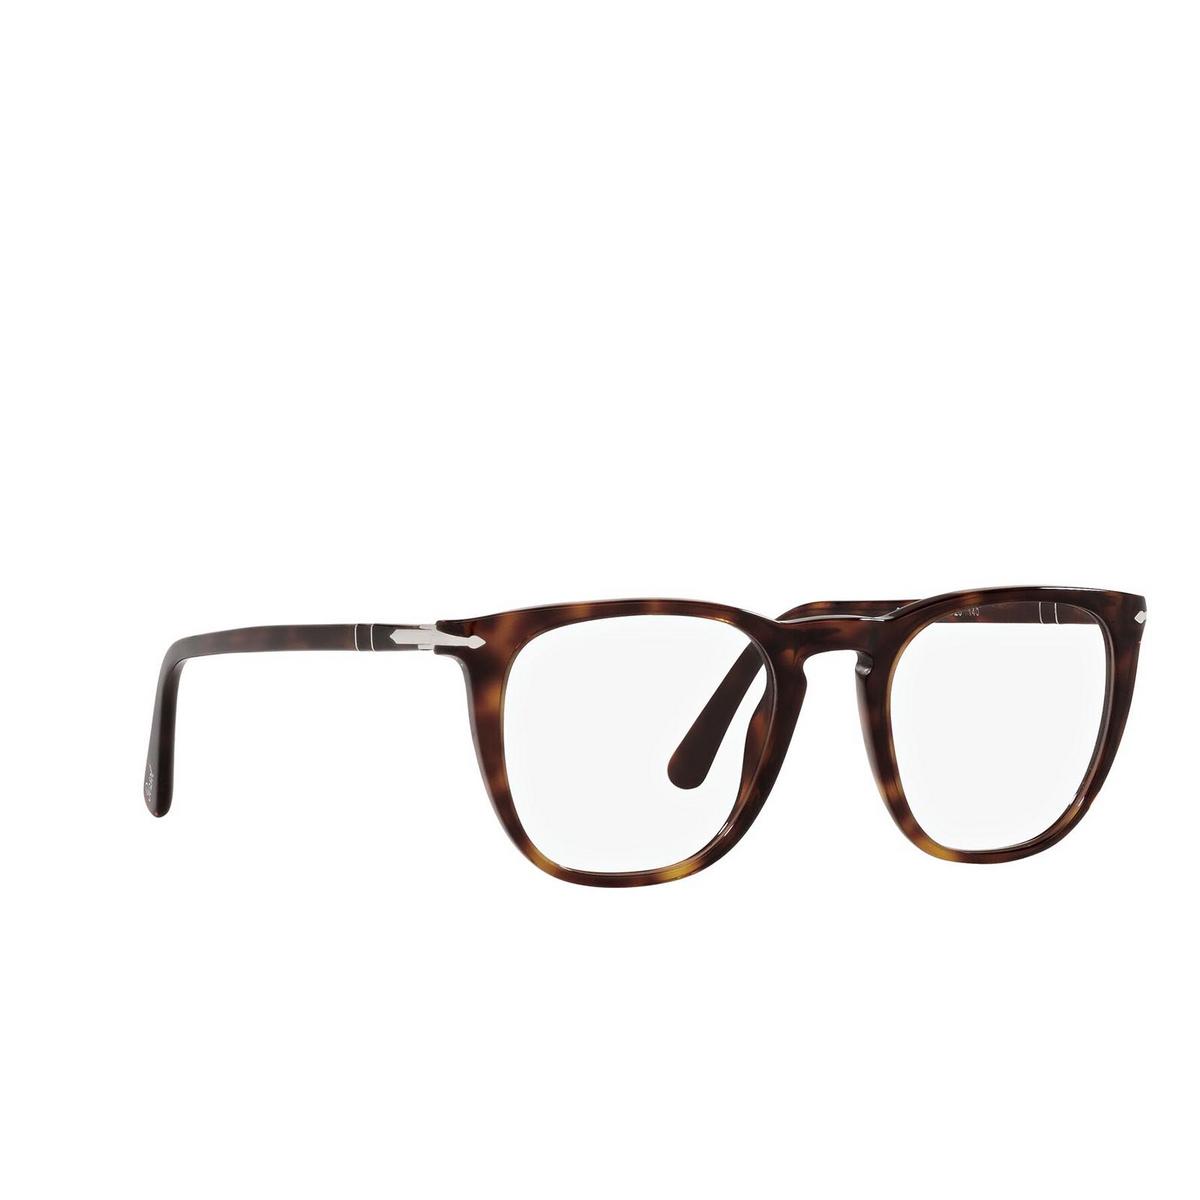 Persol® Square Eyeglasses: PO3266V color Havana 24 - three-quarters view.